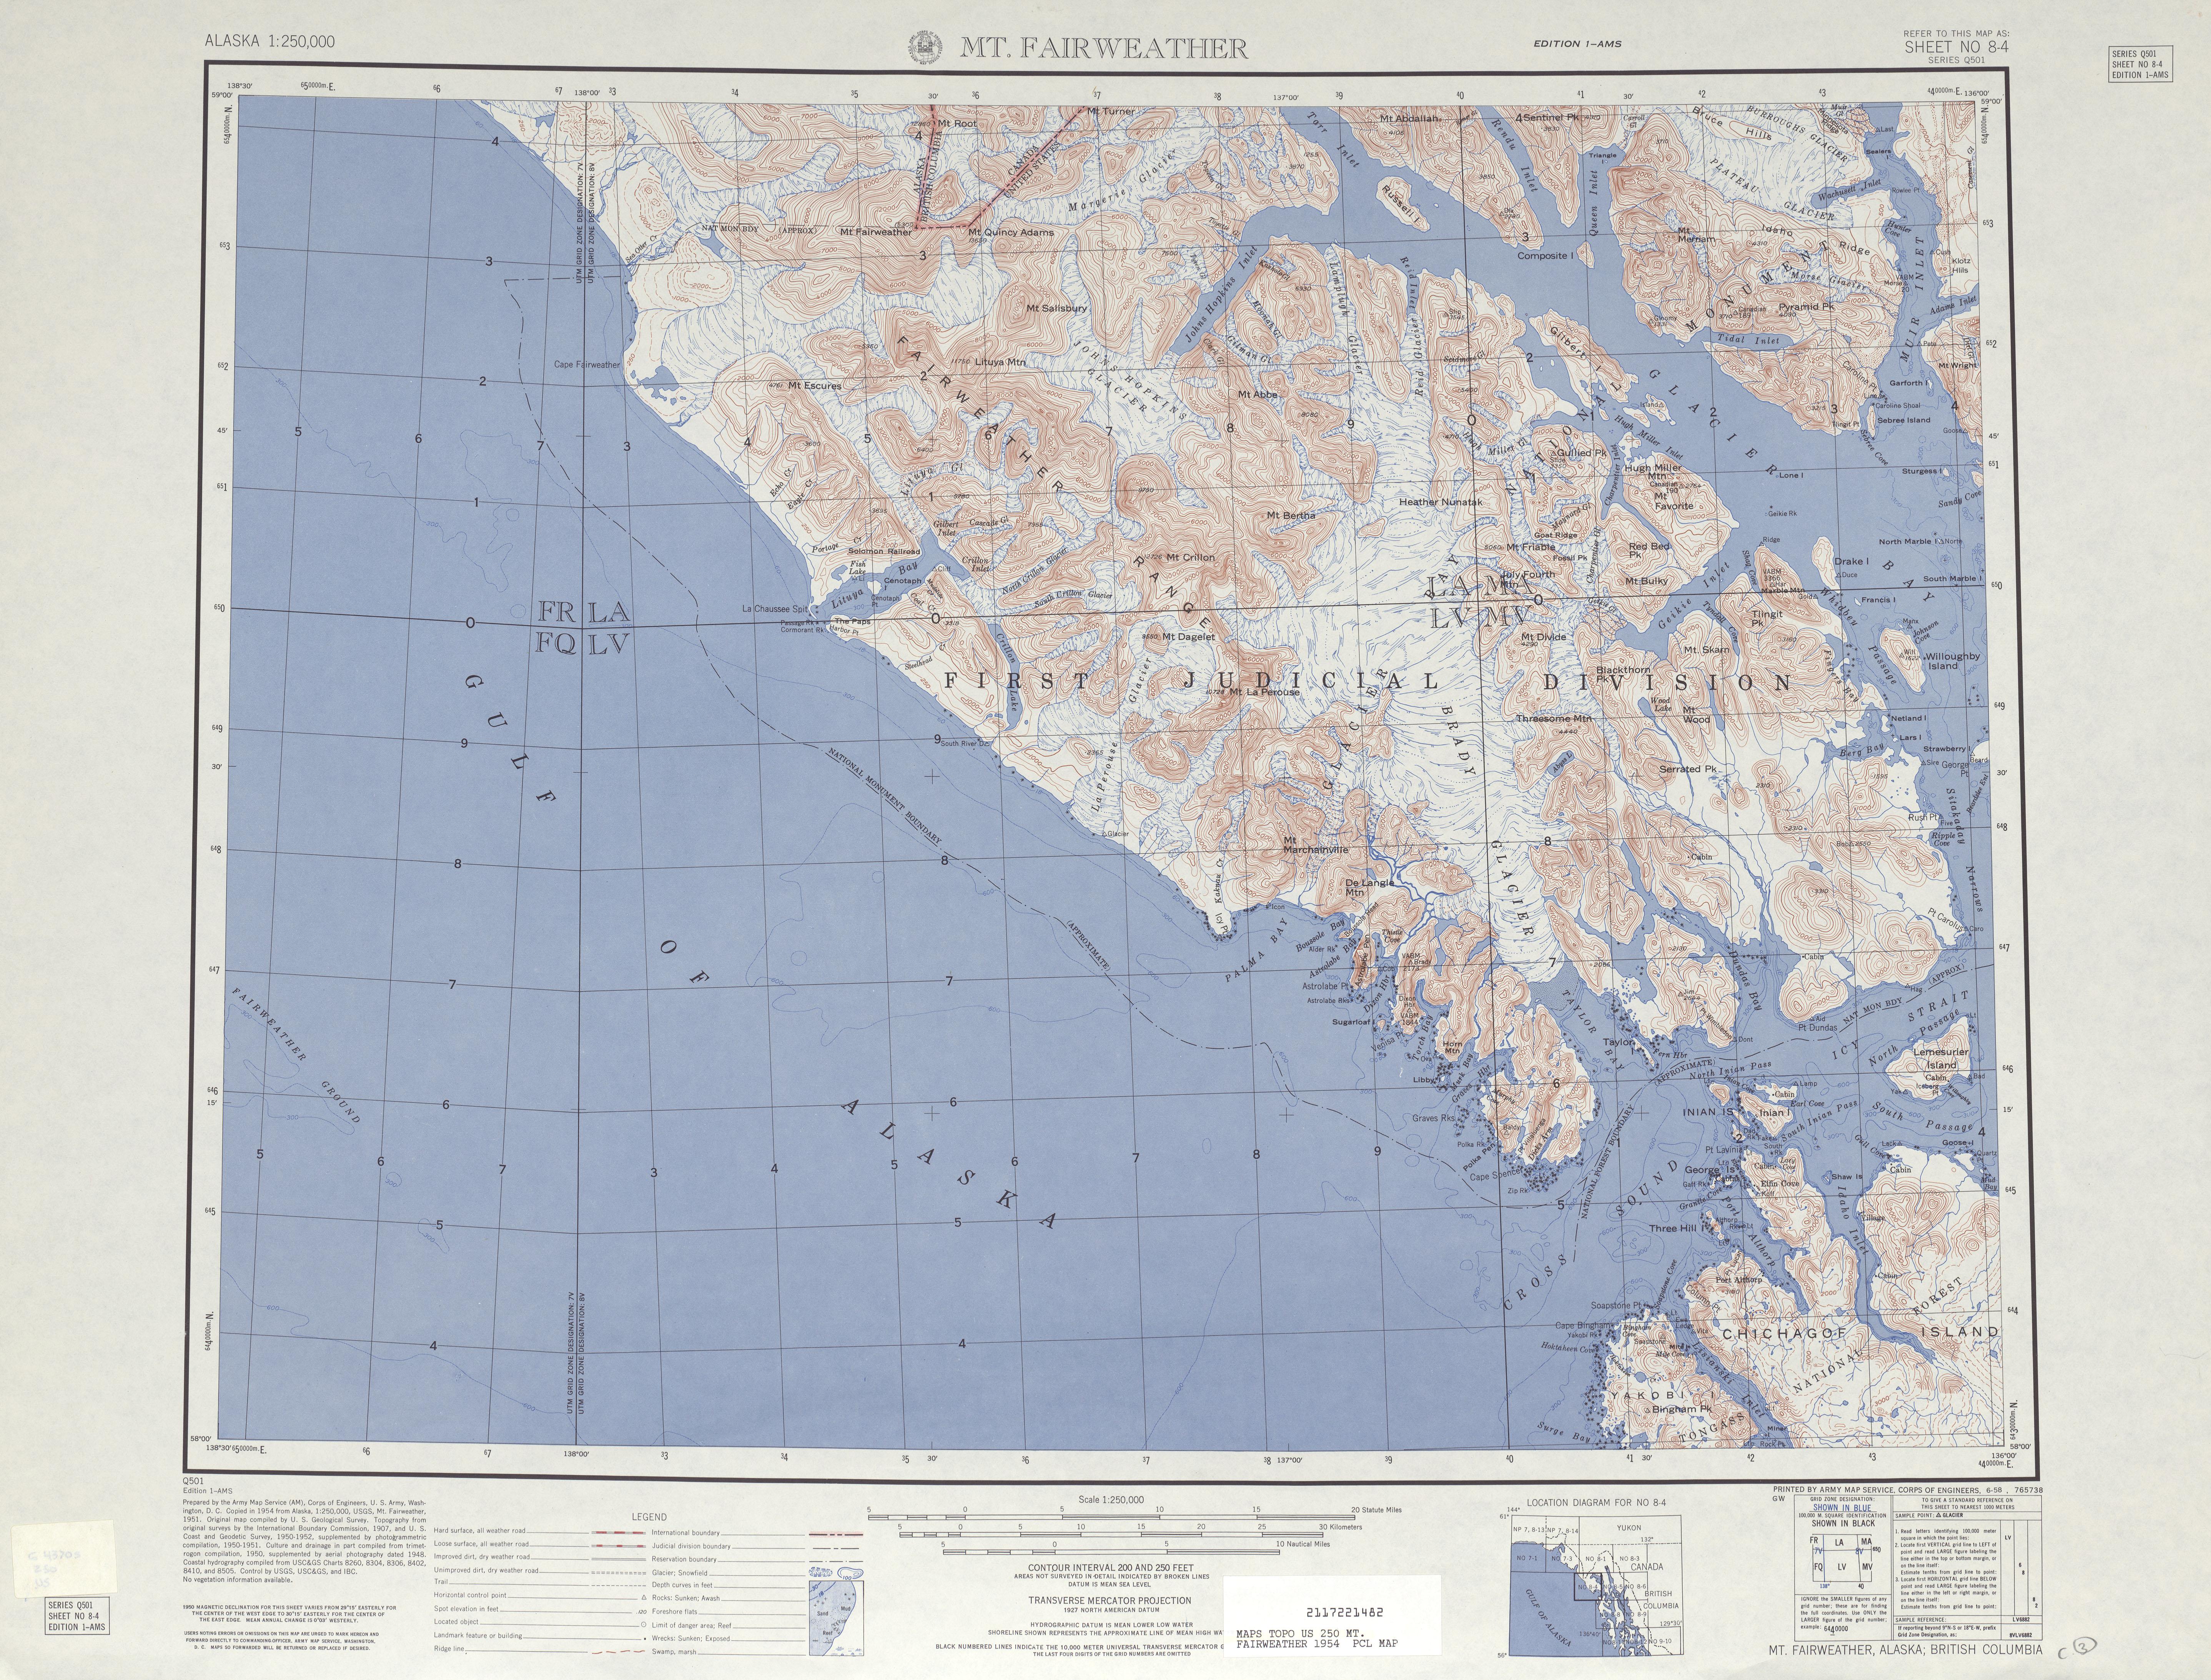 Hoja Mt. Fairweather del Mapa Topográfico de los Estados Unidos 1954